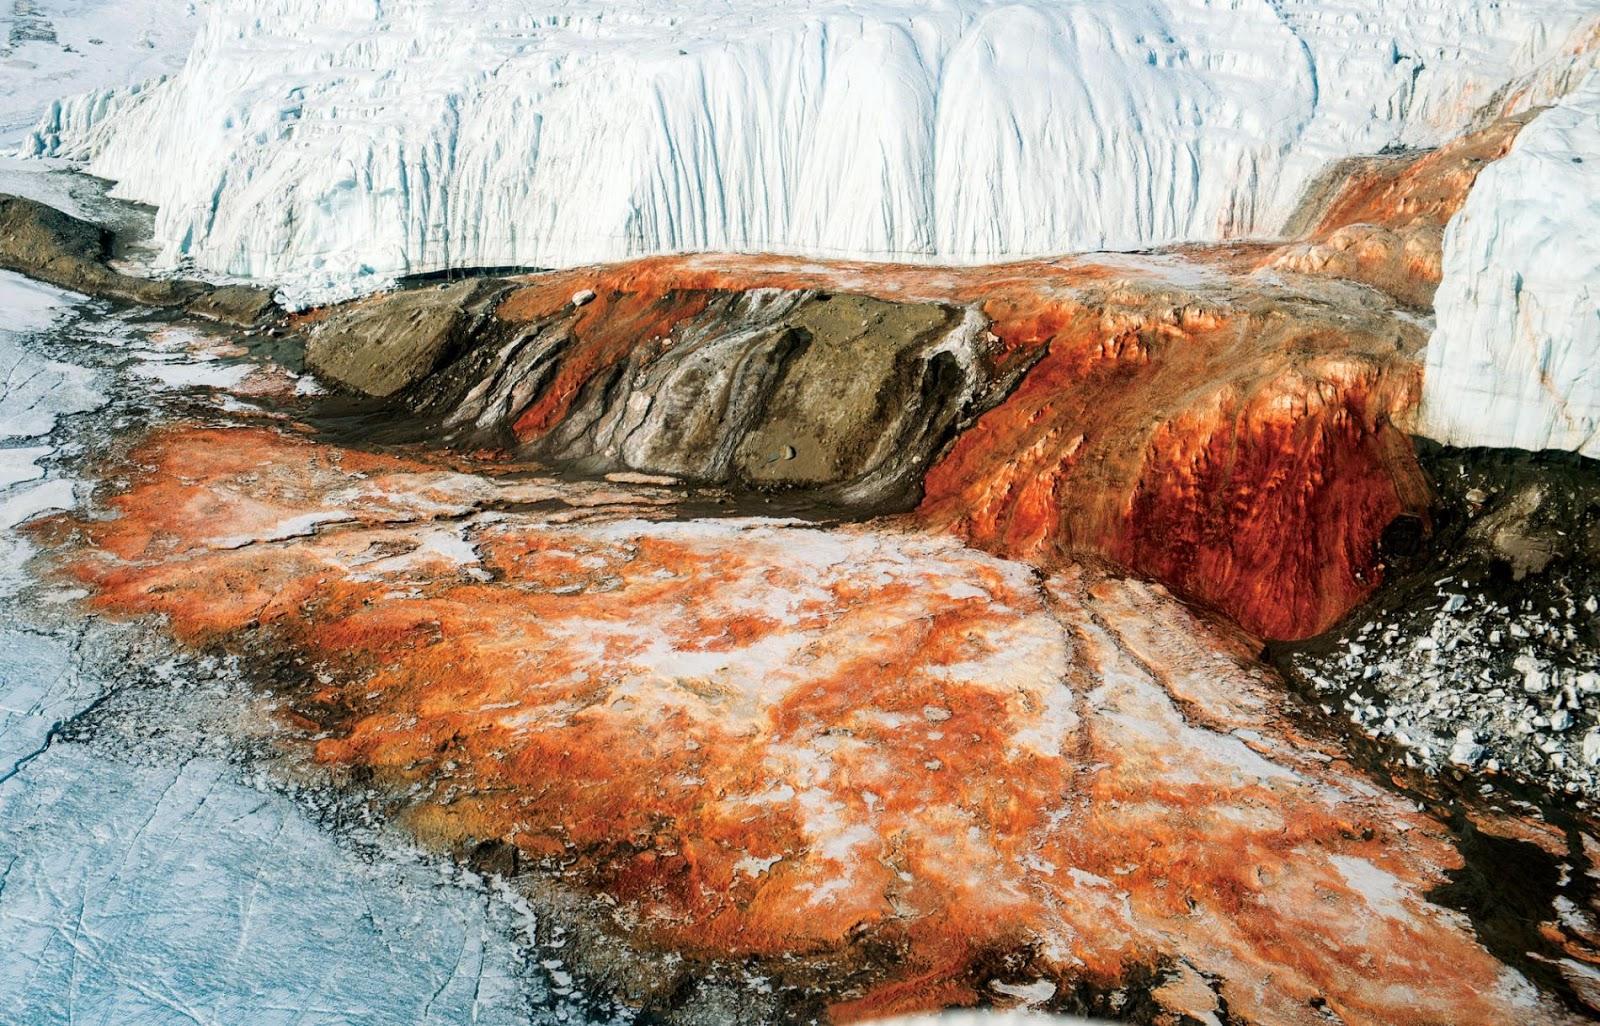 Άλγη στα όρη: Ερευνητική αποστολή θα αναζητήσει το αίμα των παγετώνων